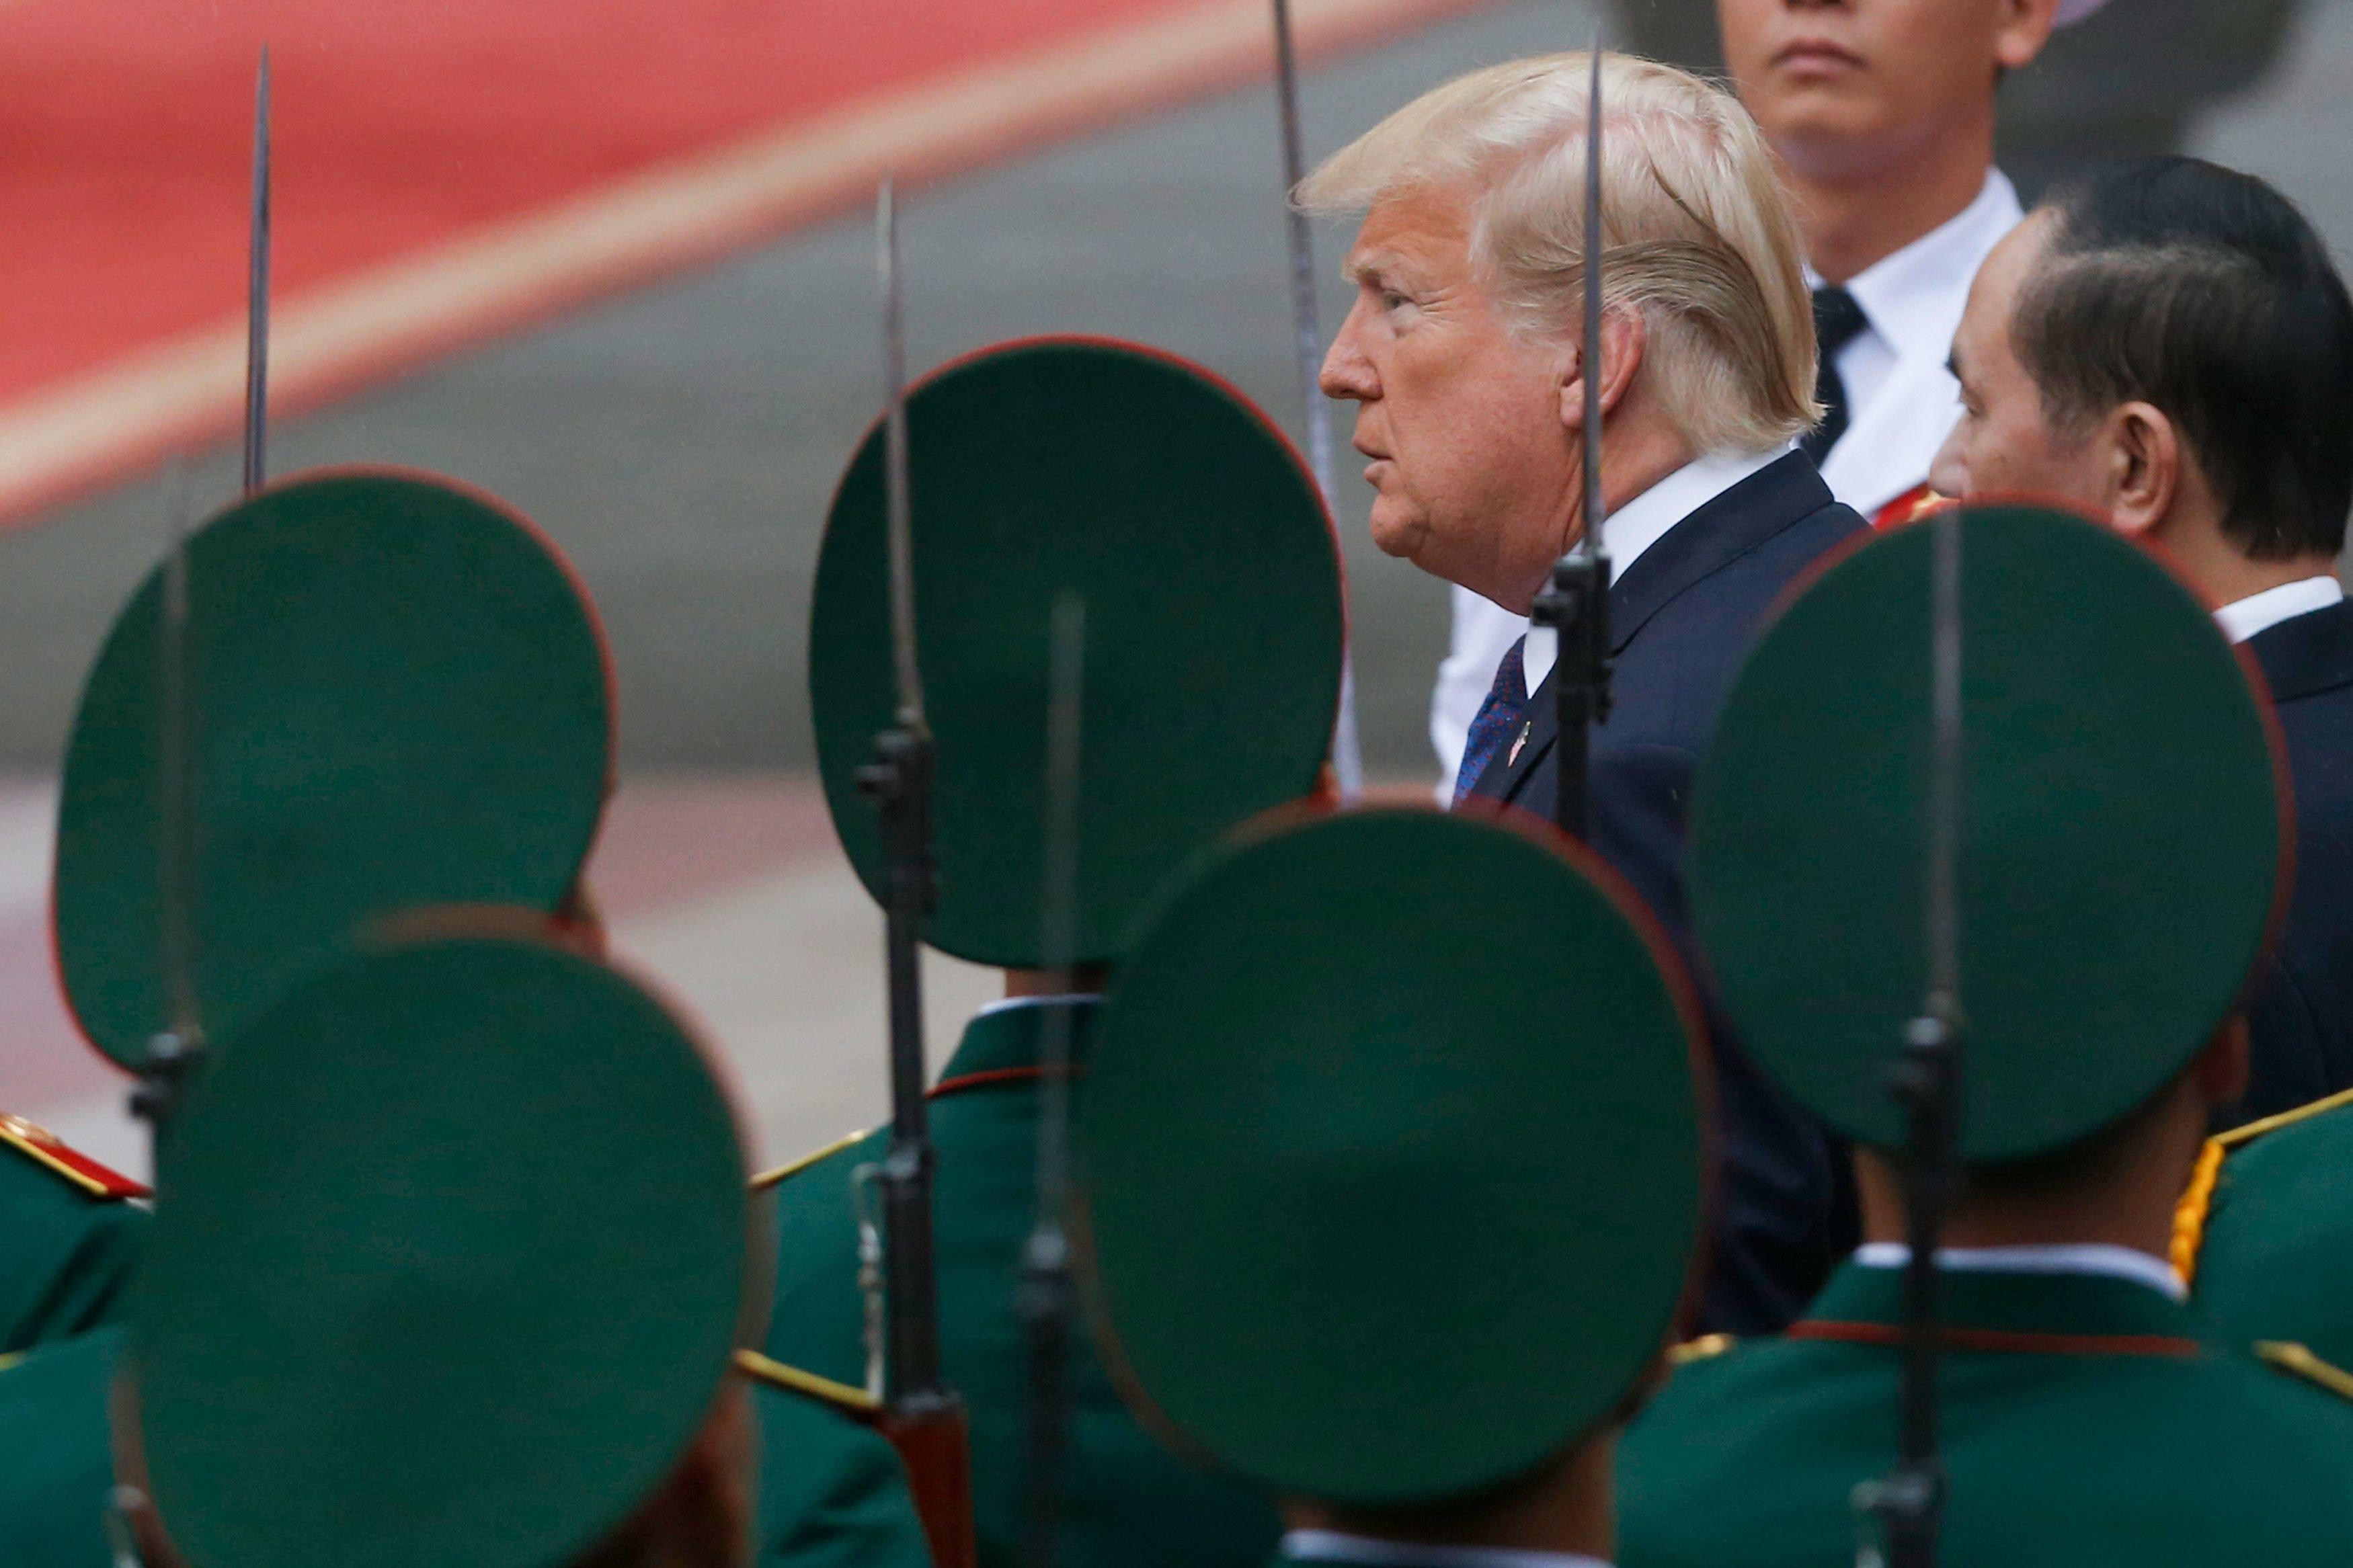 Arzt-Töchter packen aus: So schummelte sich Trump um einen Einsatz im